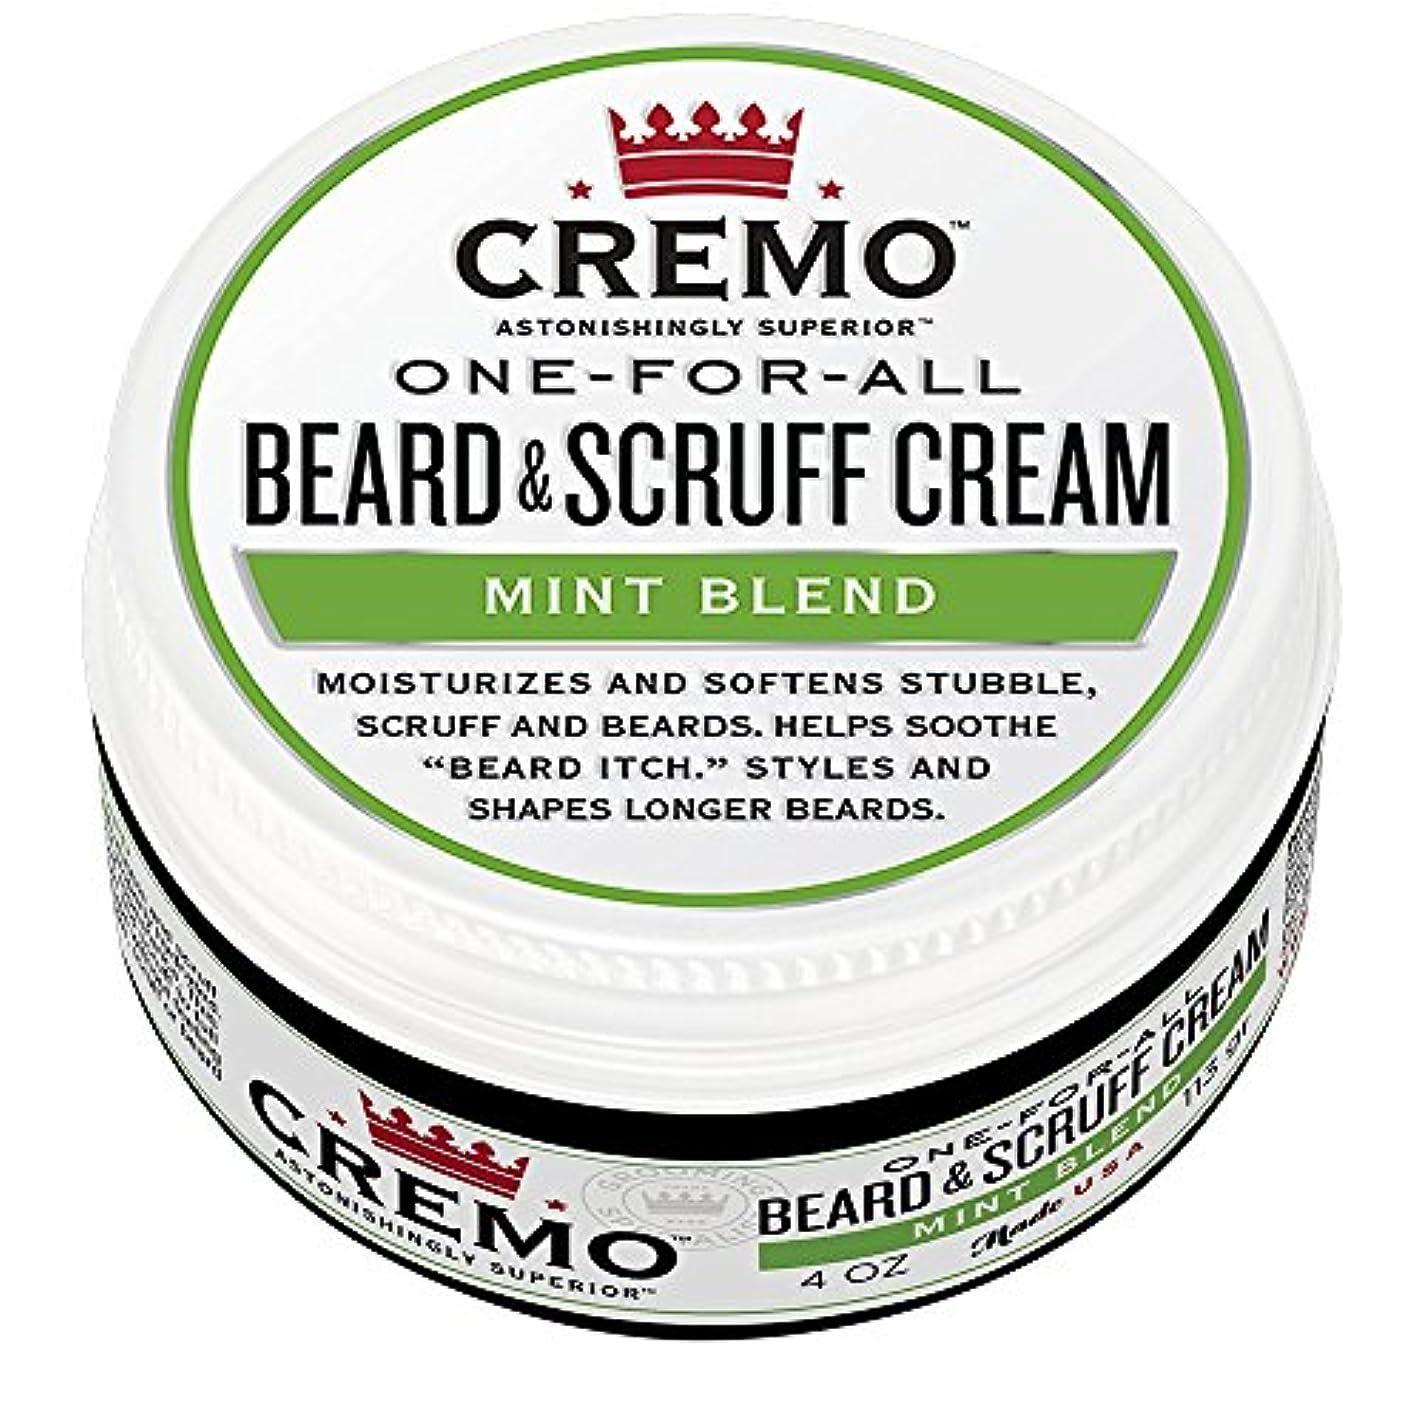 相関する半導体肺Cremo ビアード&首筋クリーム、ミントのブレンドの香り、潤い、スタイルとひげのすべての長さについてはビアードかゆみを軽減し、4オンスをブレンド、包装は変更になる場合があります